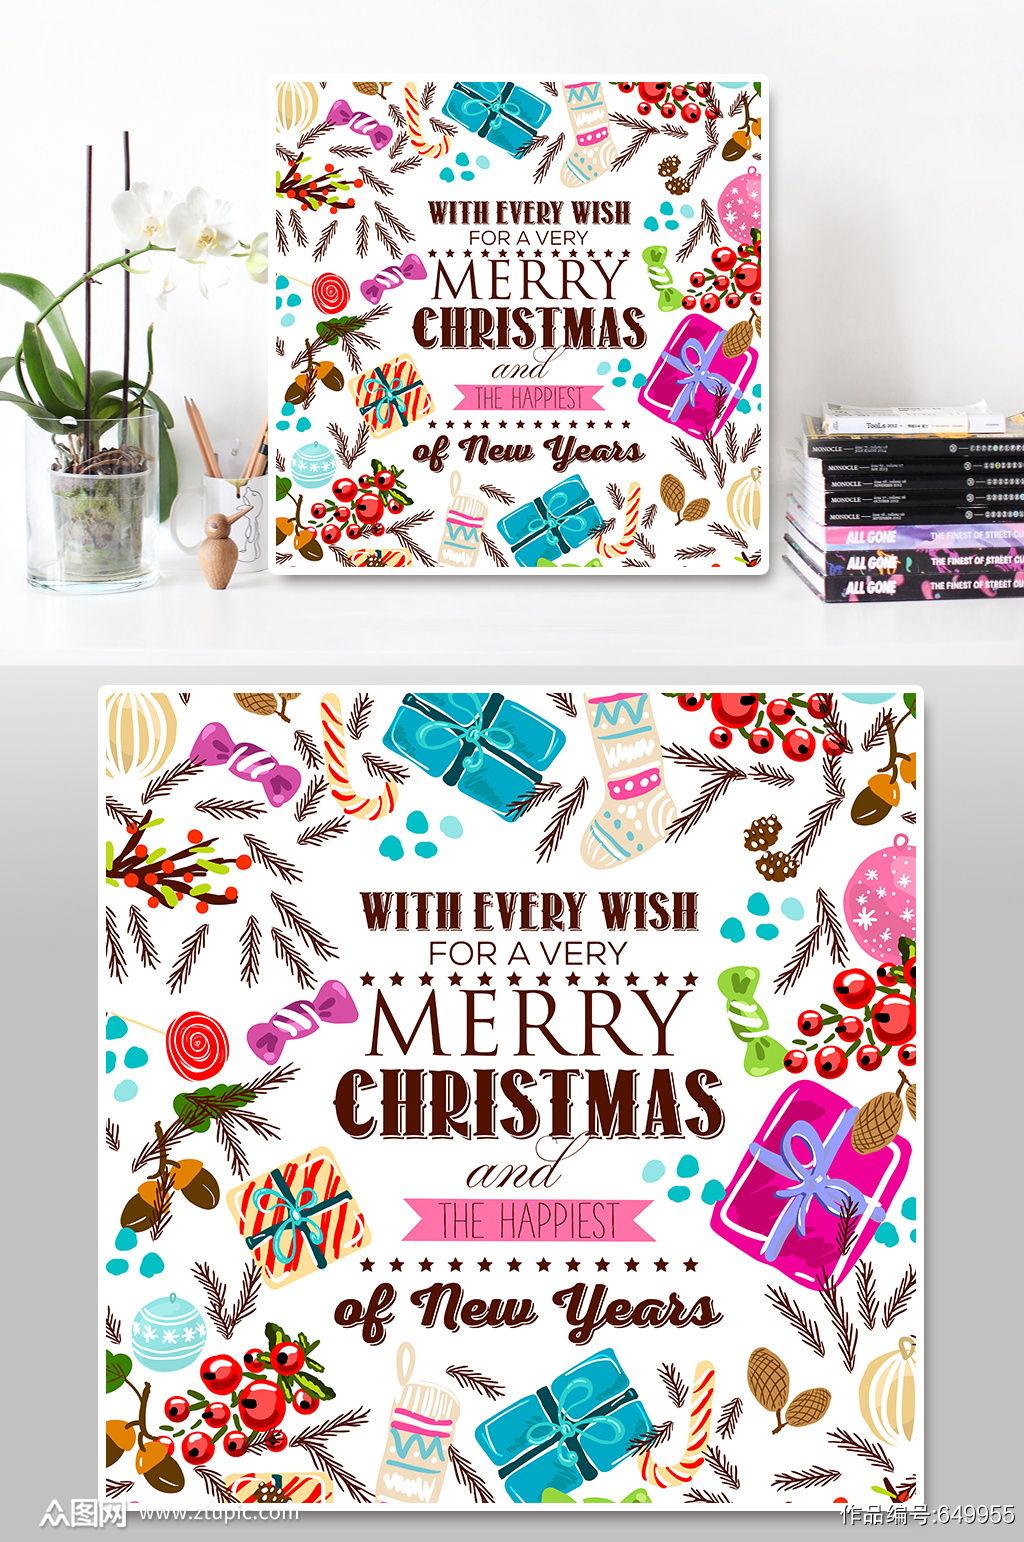 卡通手绘圣诞节背景素材素材